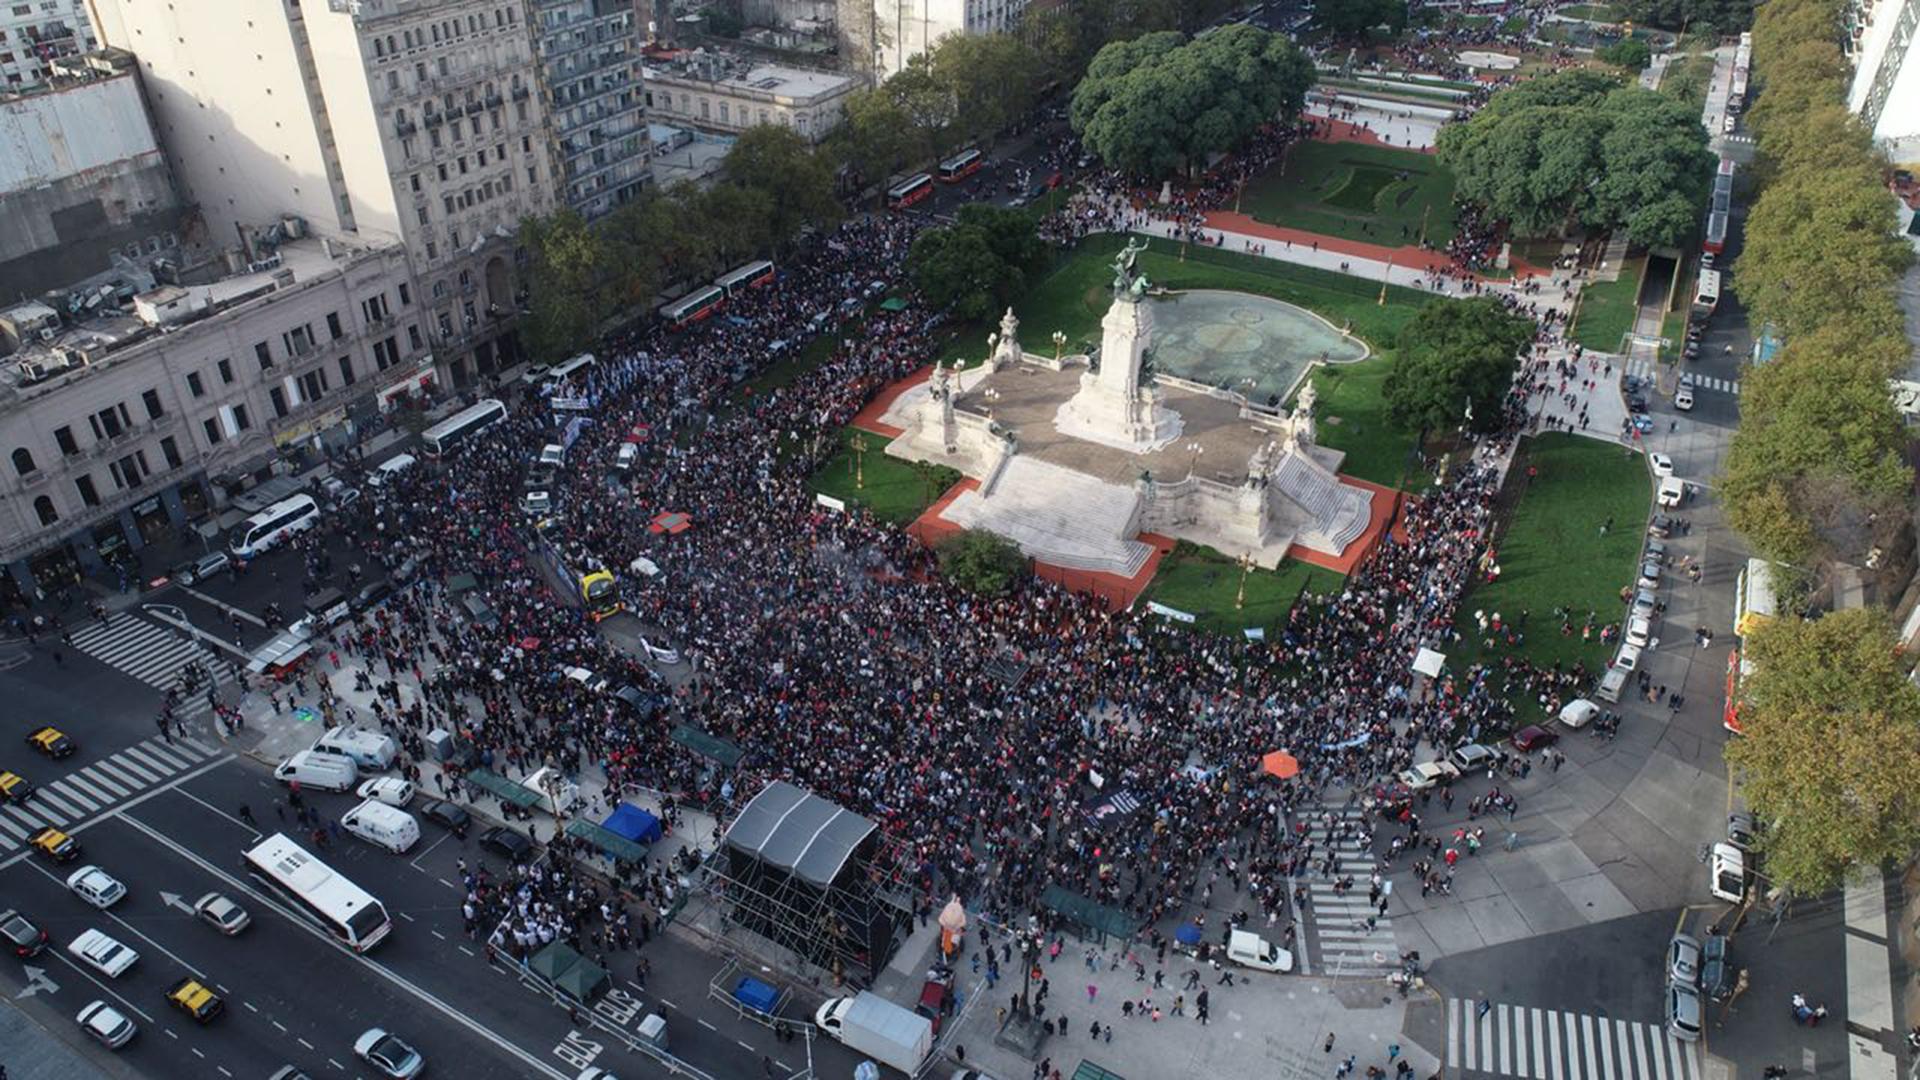 La marcha a favor de la vida ocupó el centro de la Capital Federal